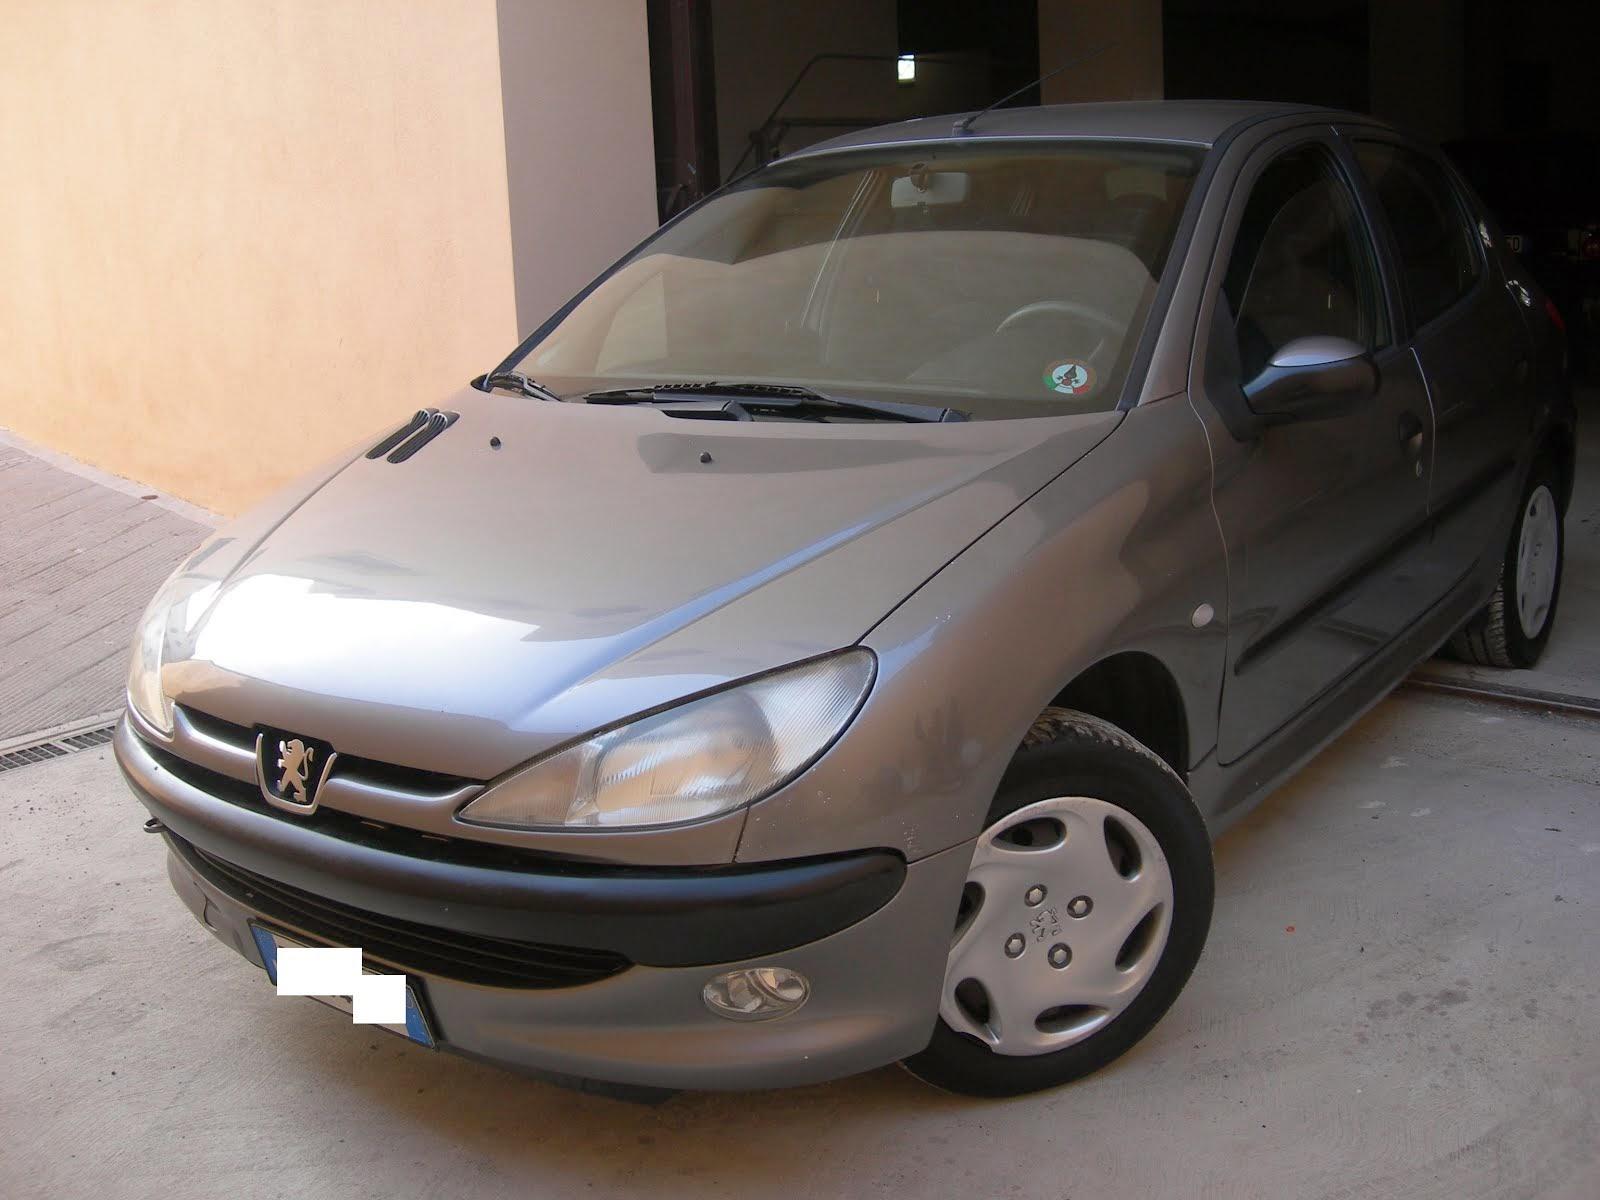 Peugeot 206 1.4 Metano con clima -stereo usb -metano già revisionato - Anno 2000